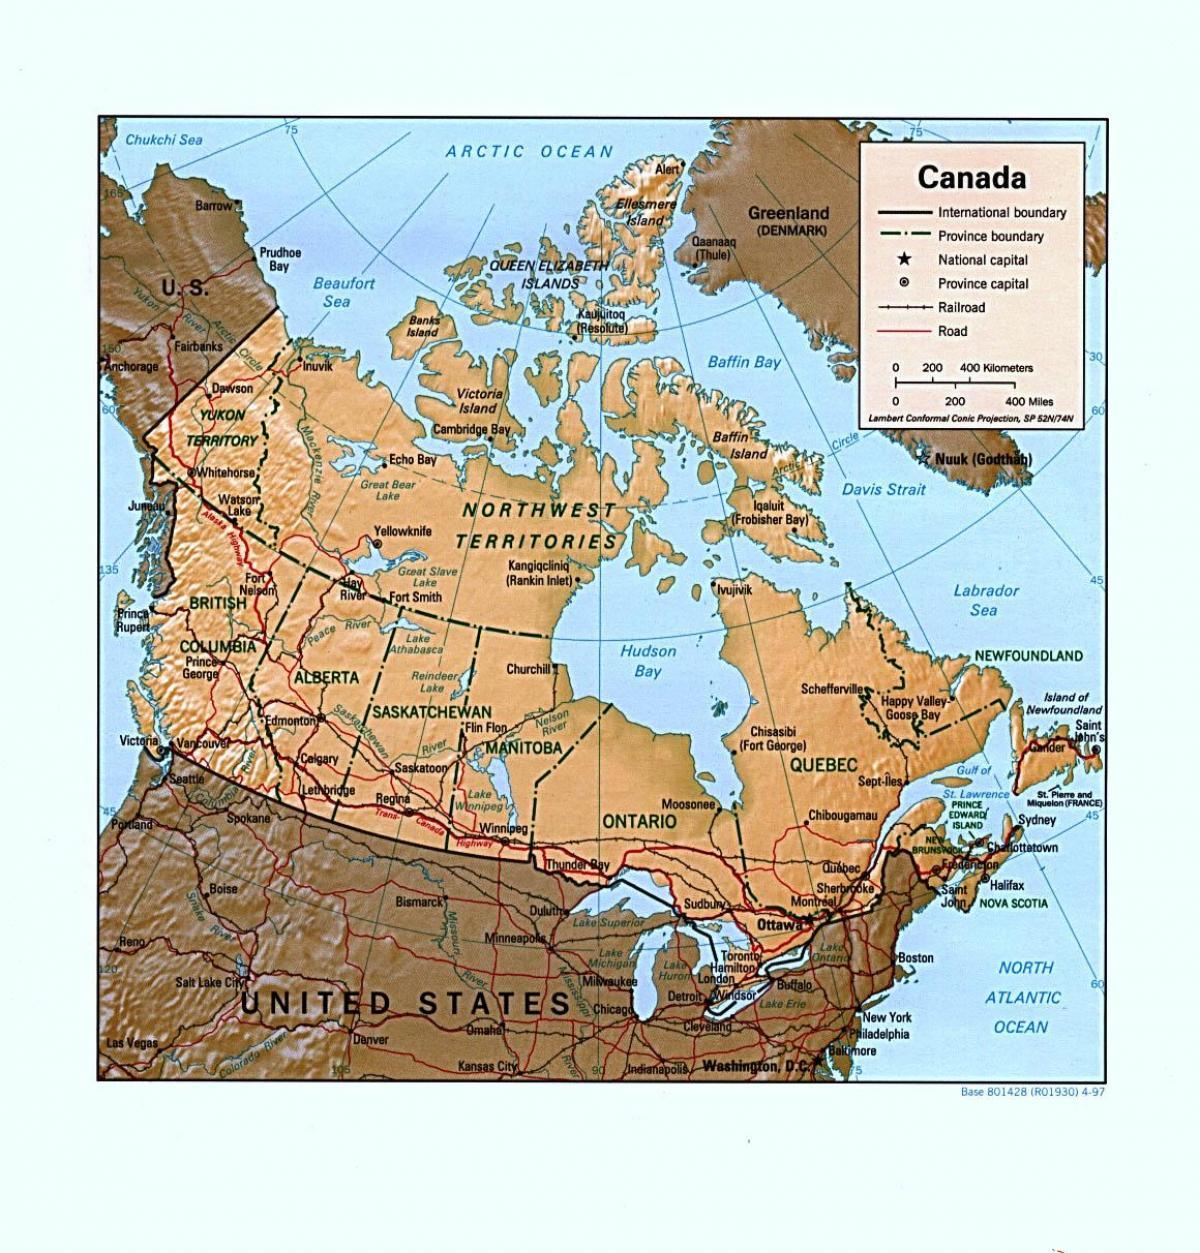 Kanada Domborzat Terkep Terkep Kanada Domborzat Eszak Amerika